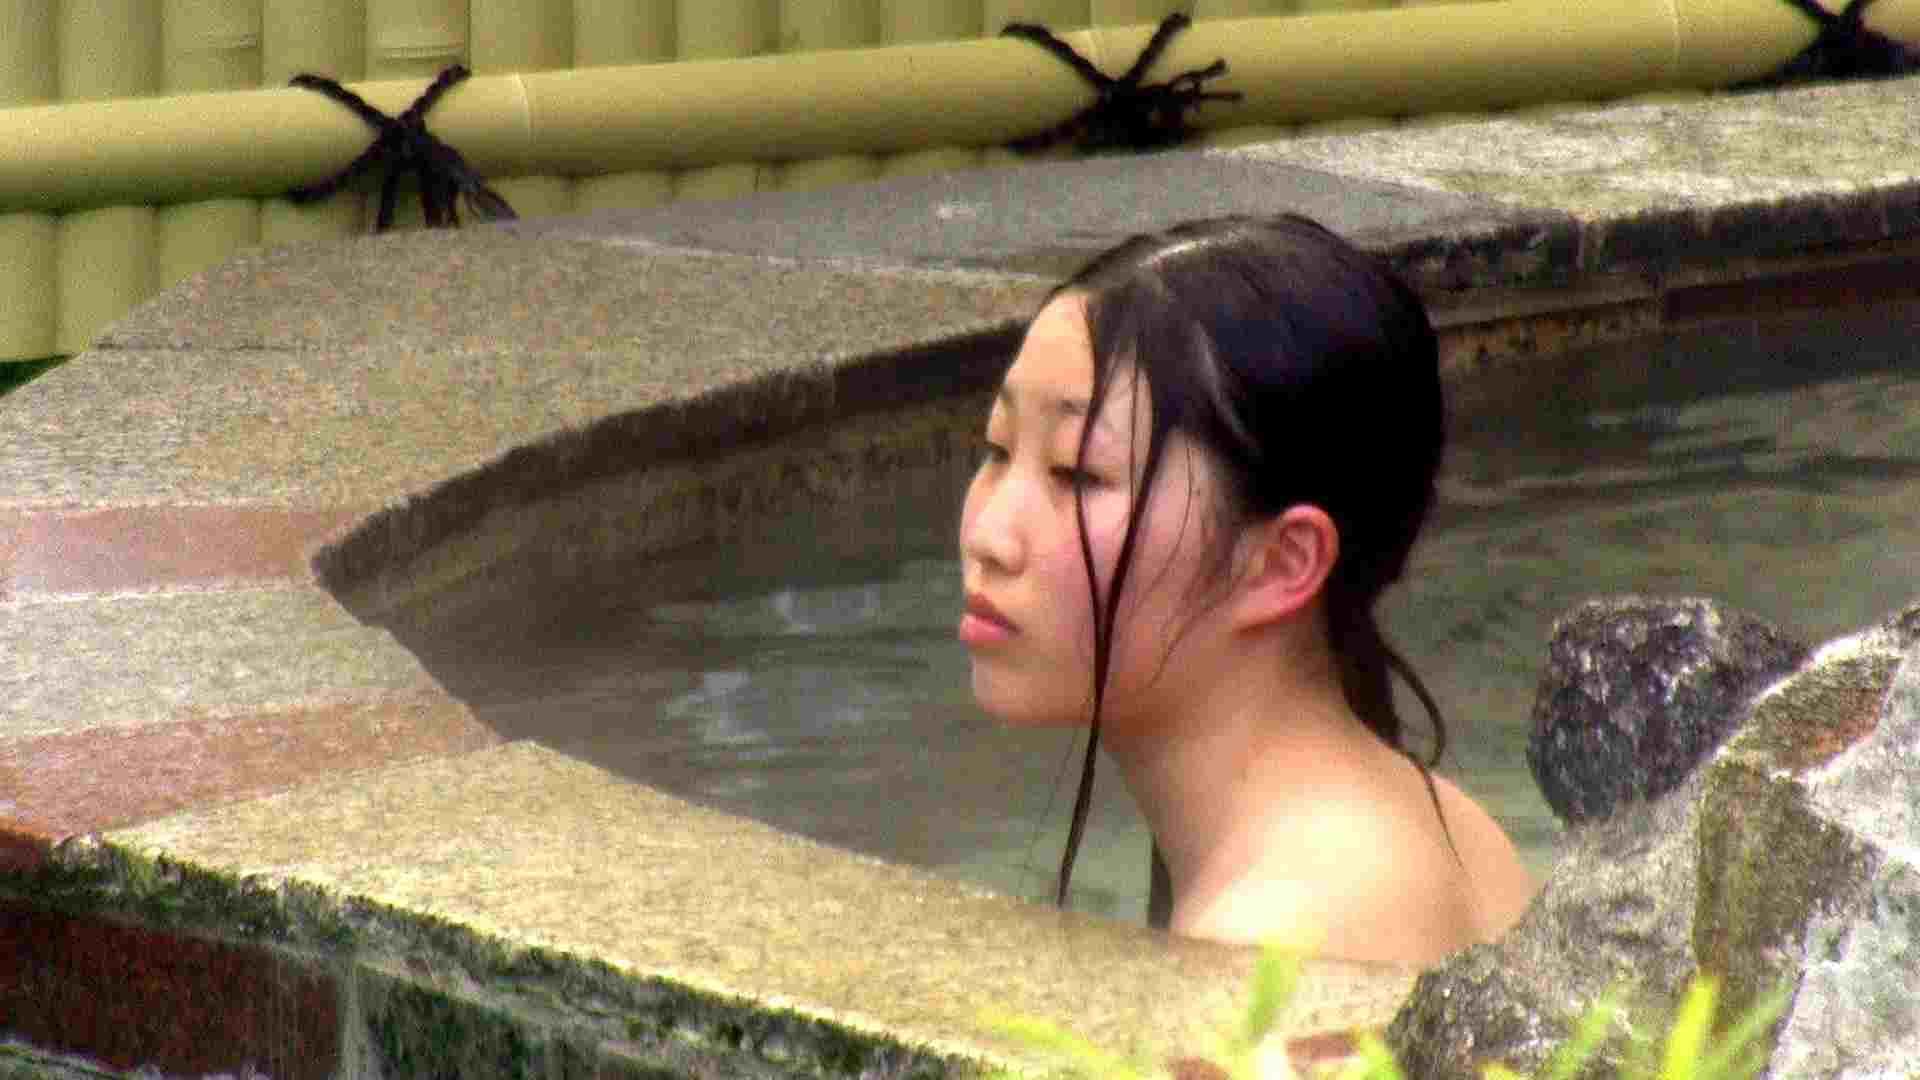 Aquaな露天風呂Vol.218 綺麗なOLたち | 盗撮  75枚 40